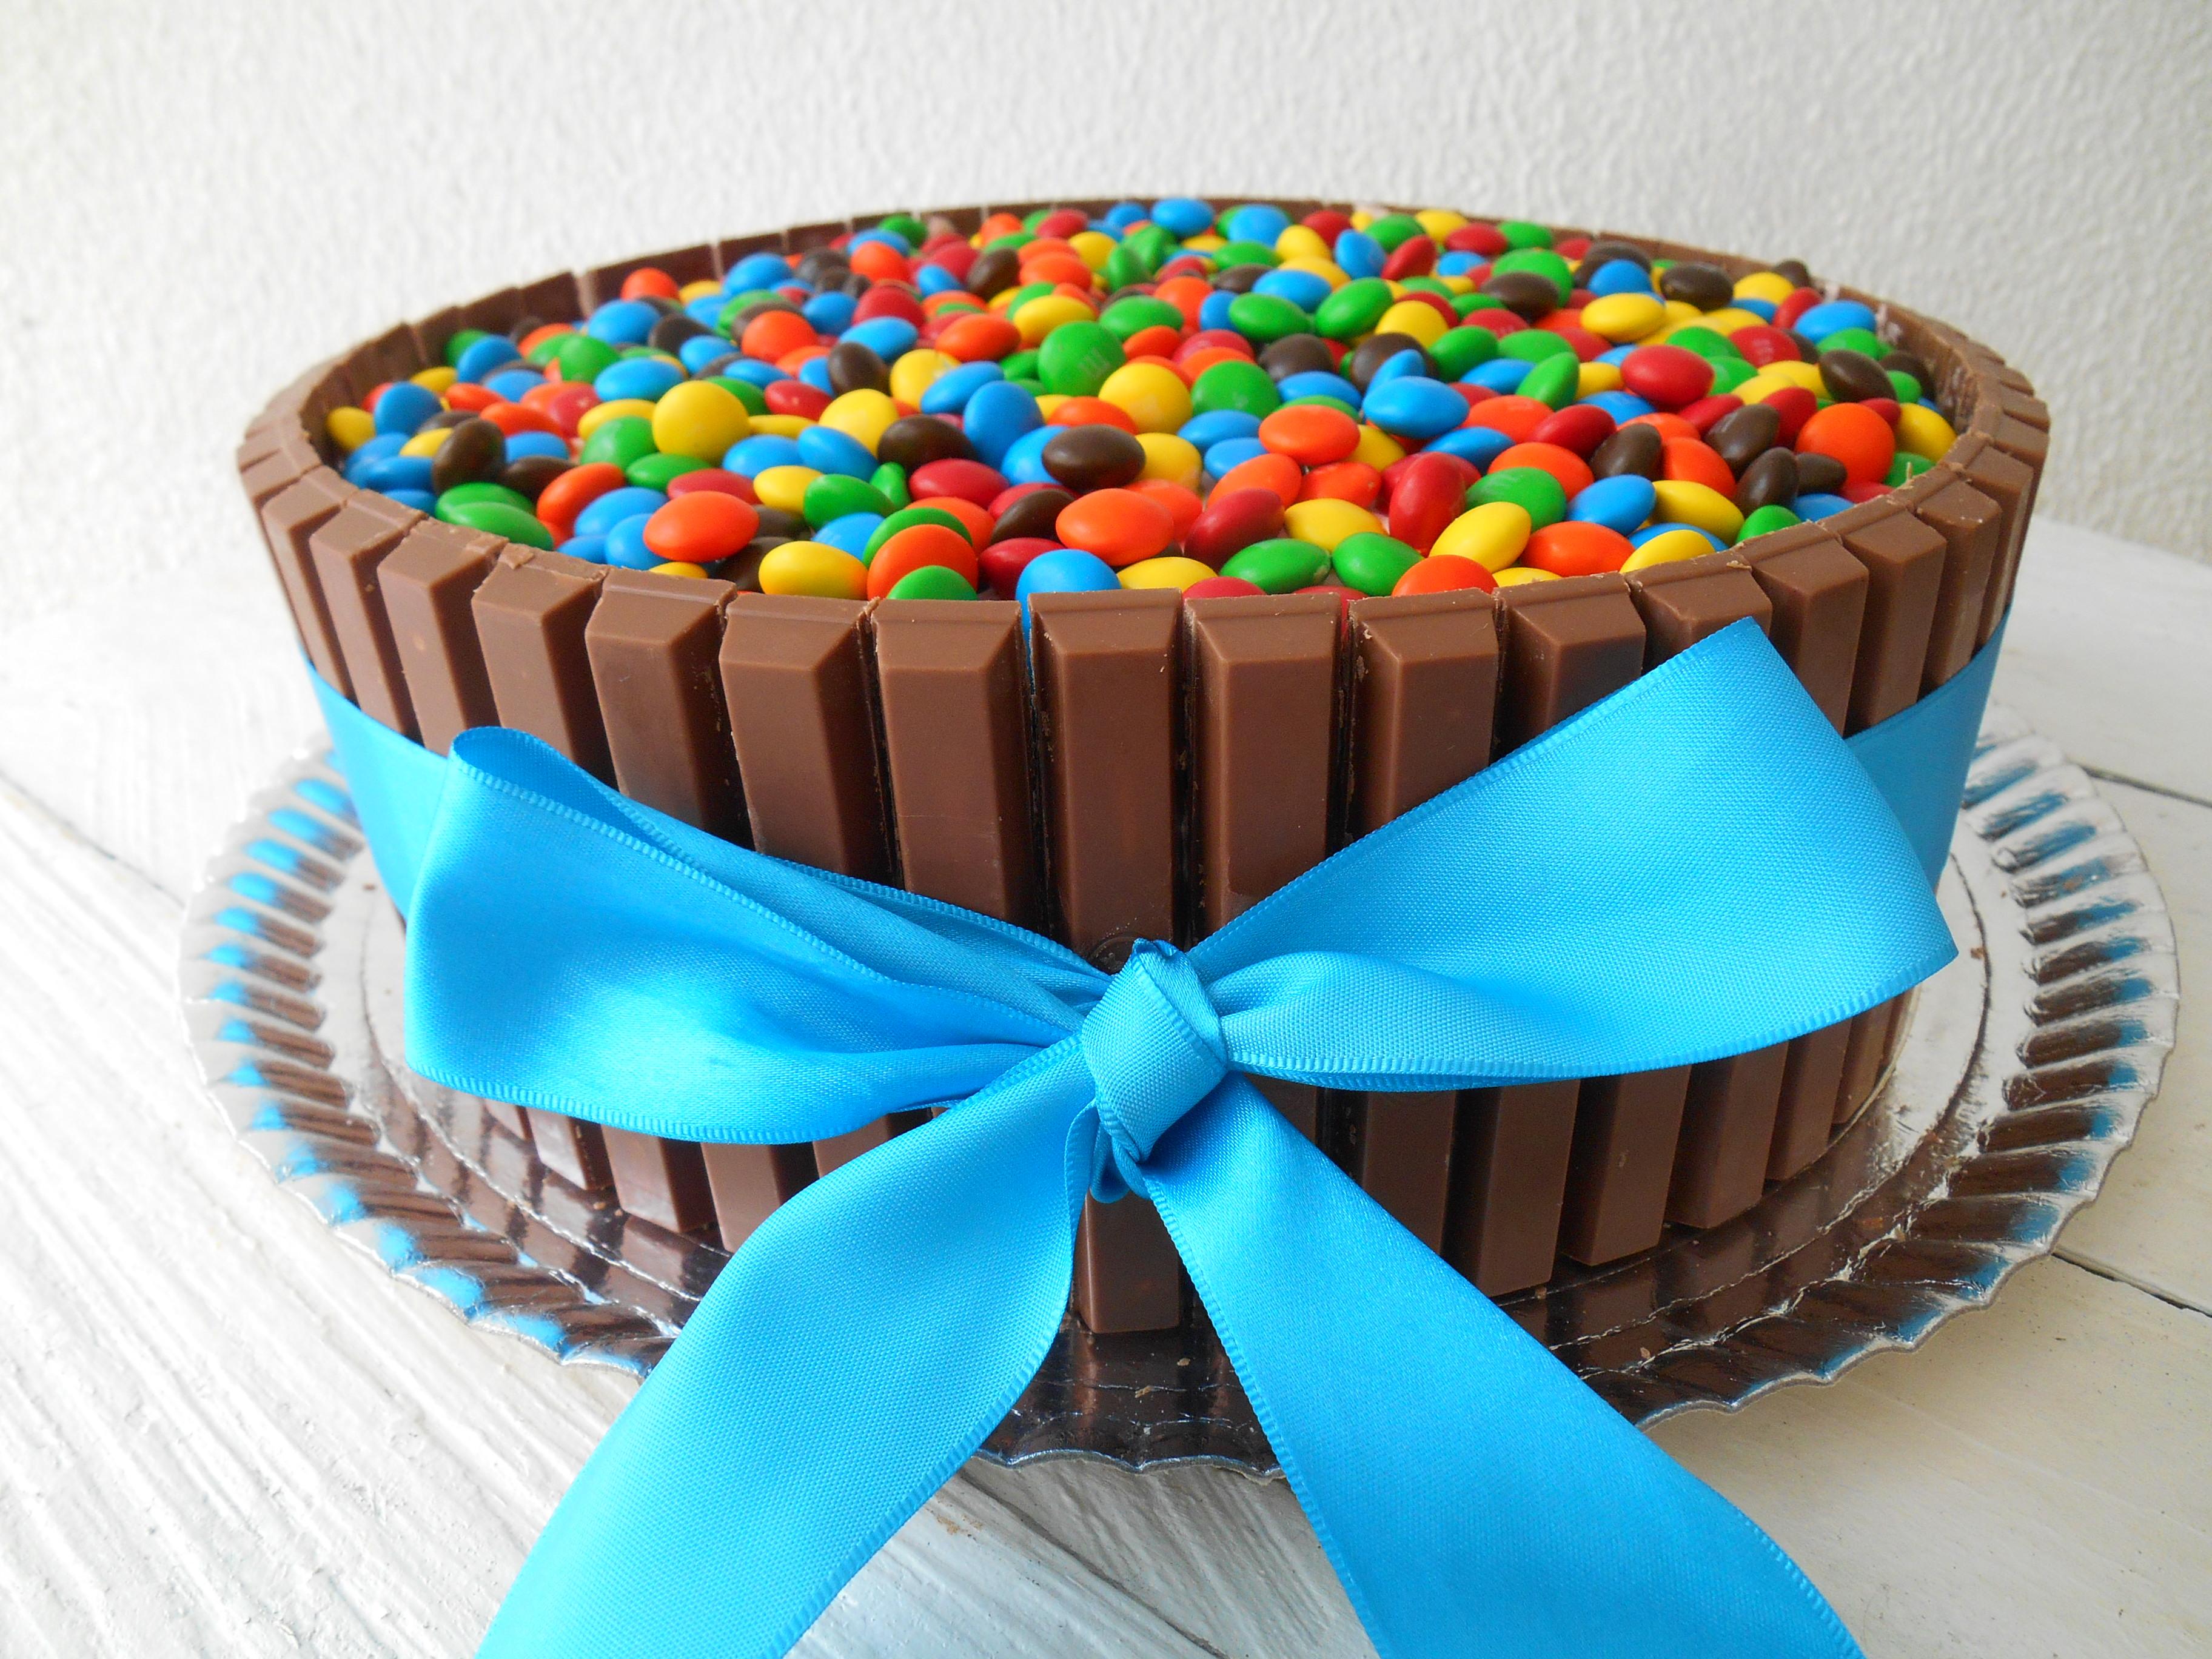 Рецепт торта с ммдемс и кит кат